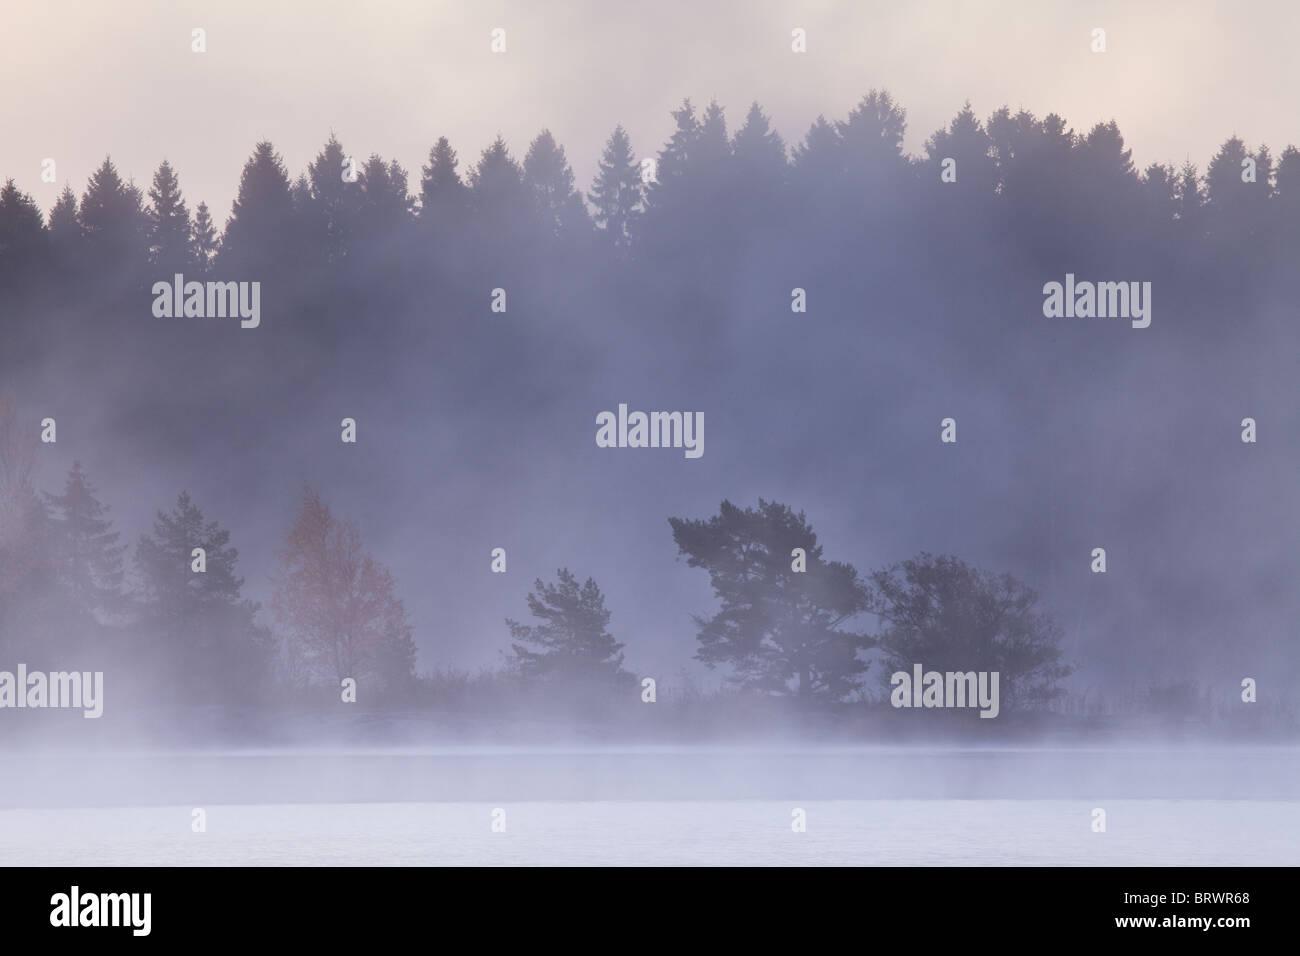 Early Morning mist dopo una gelida notte di ottobre nel lago Vansjø, Østfold, Norvegia. Vansjø è una parte dell'acqua Foto Stock